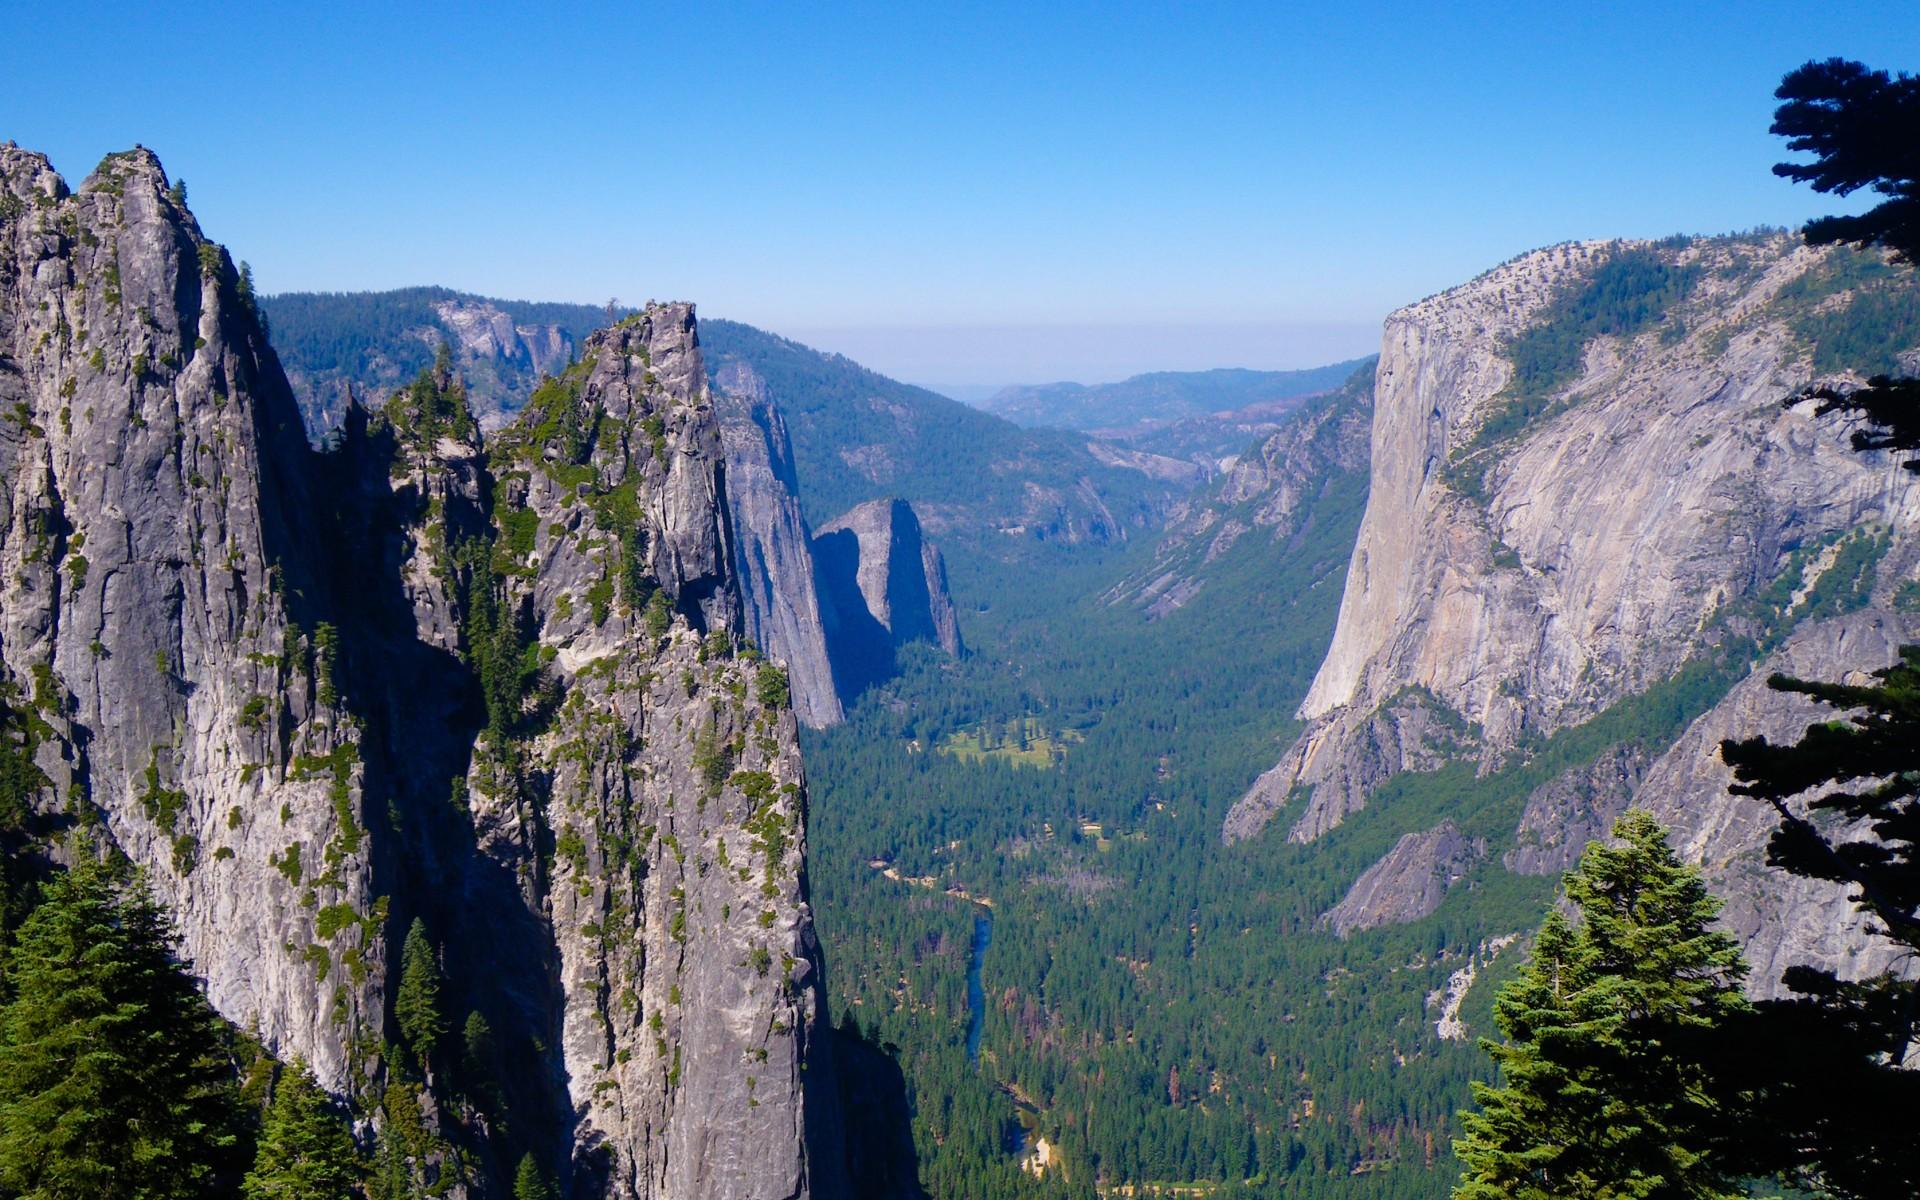 природа деревья горы  № 2787644 загрузить